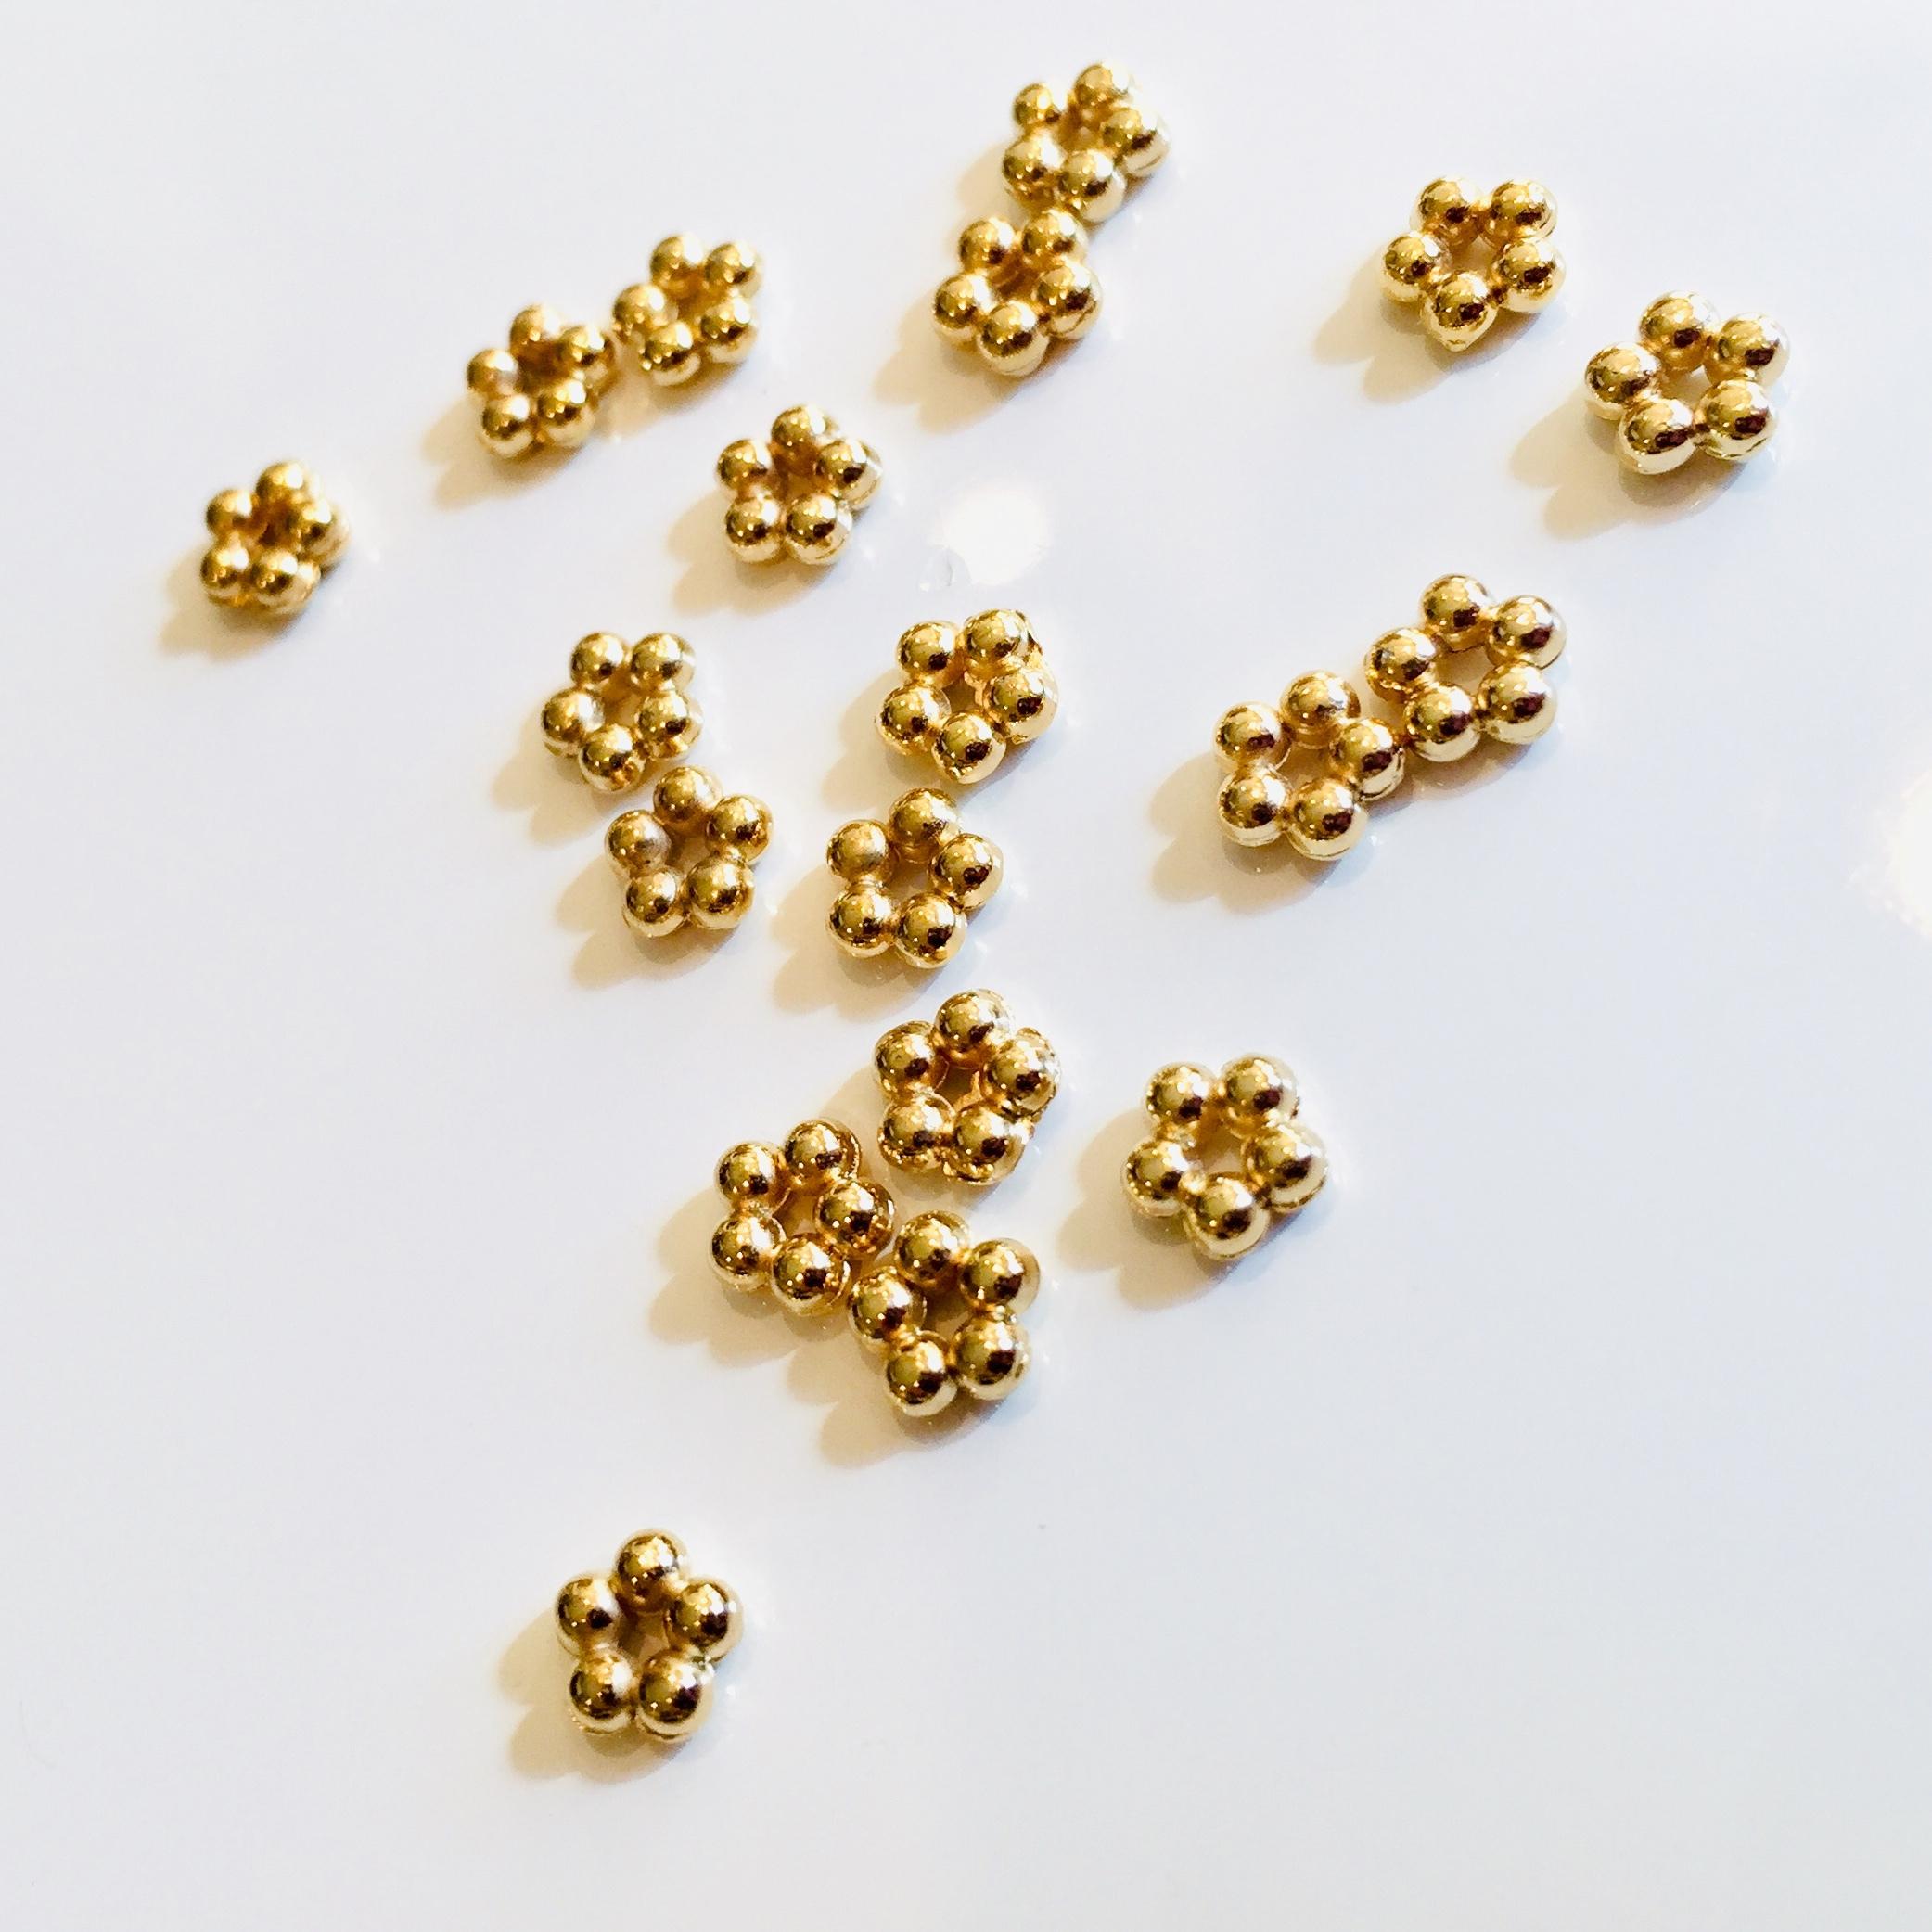 メタルパーツゴールド 5玉 約4mm用 6個セット